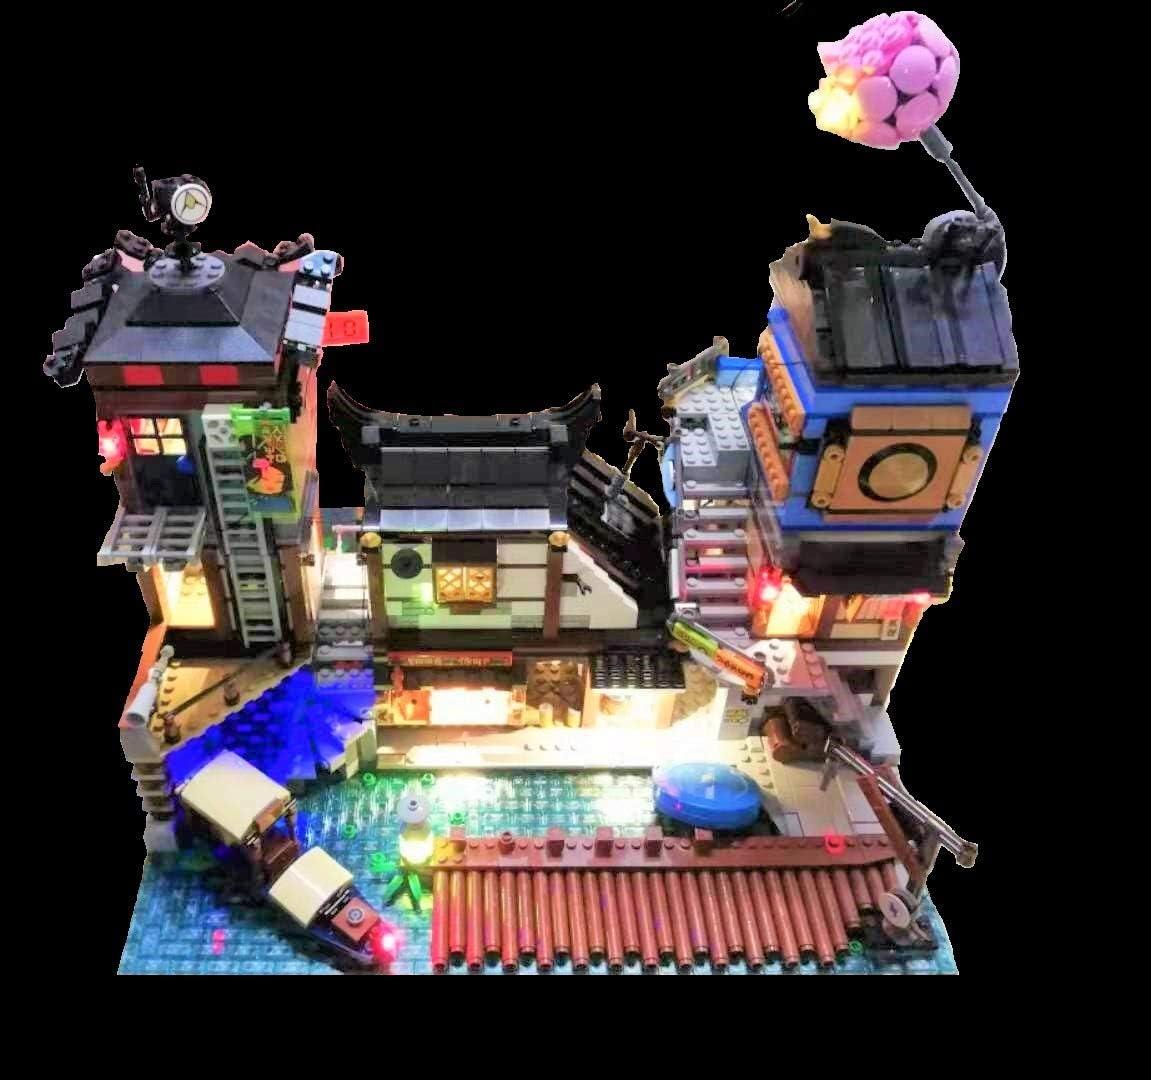 Brickled LED Lighting Kit for Lego 70657 Ninjago City Docks